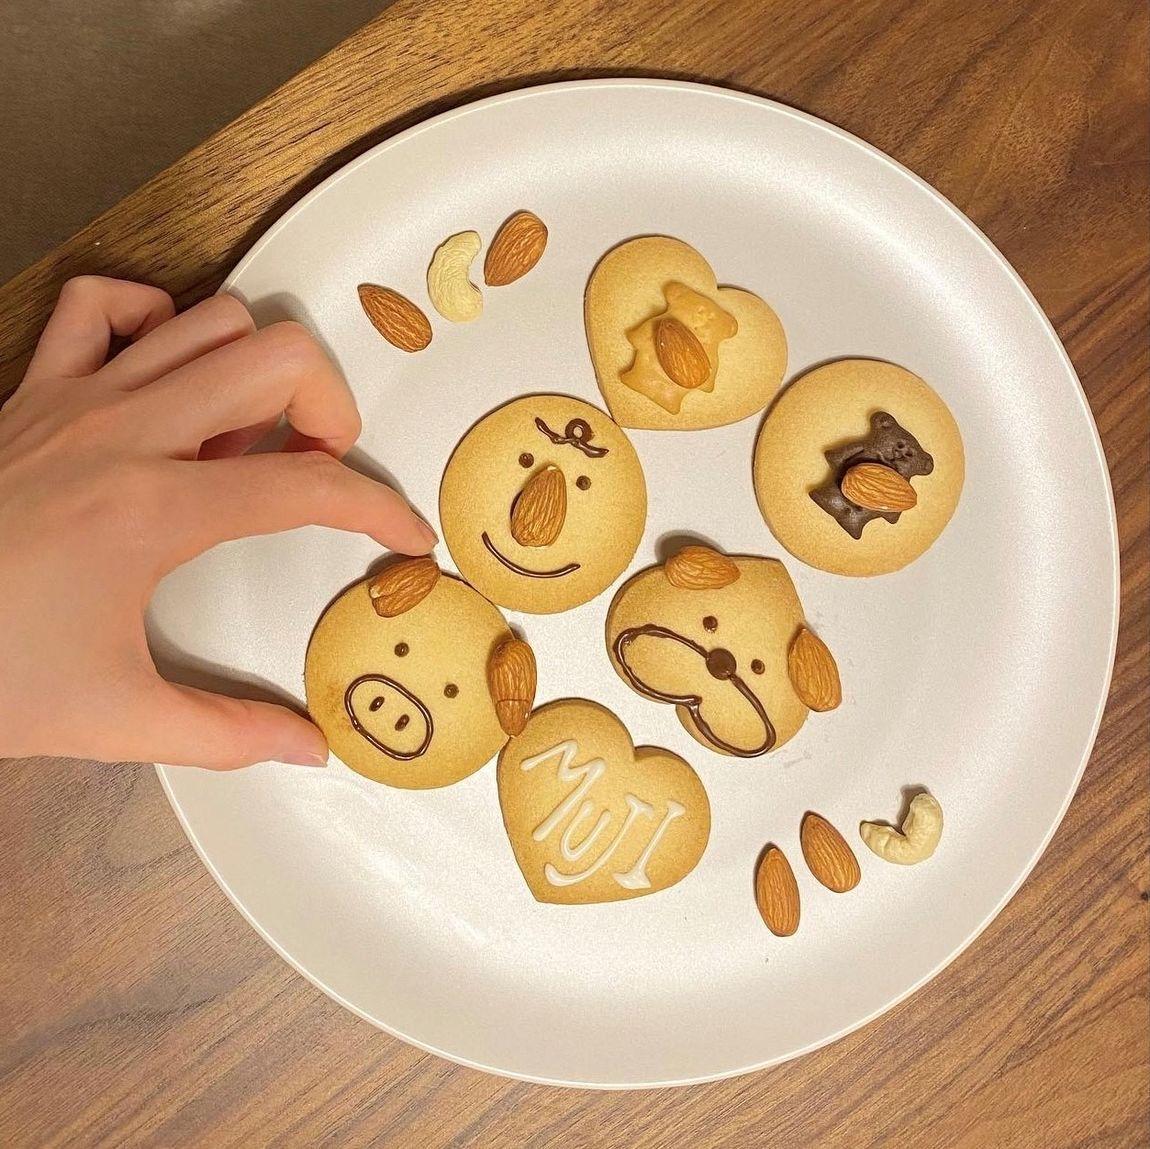 クッキー集合